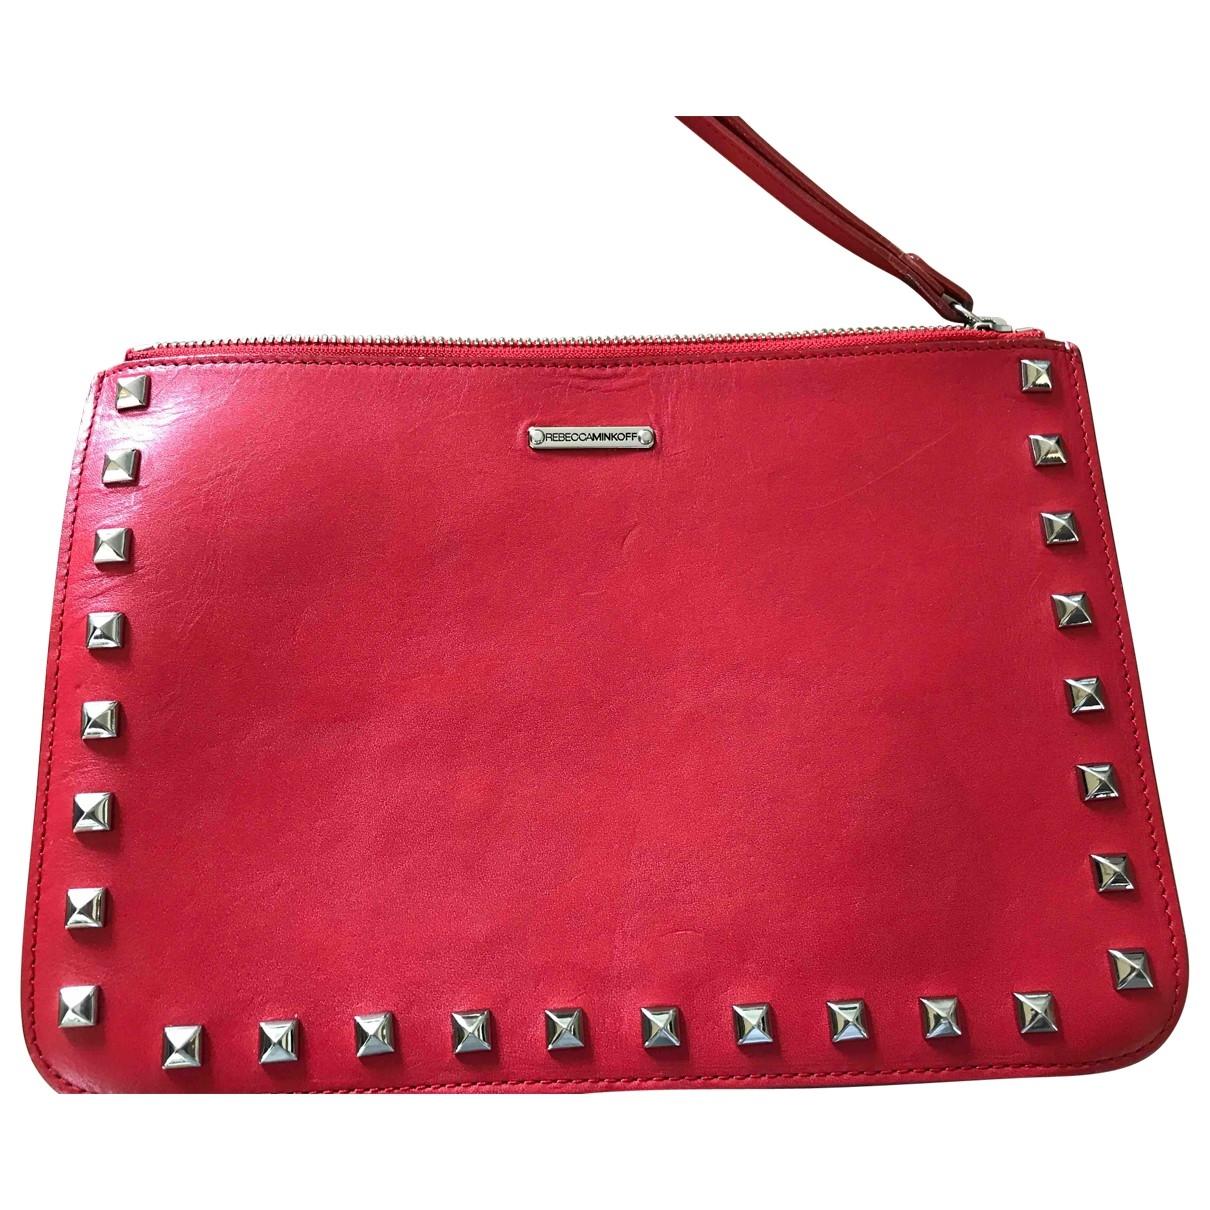 Rebecca Minkoff \N Clutch in  Rot Leder